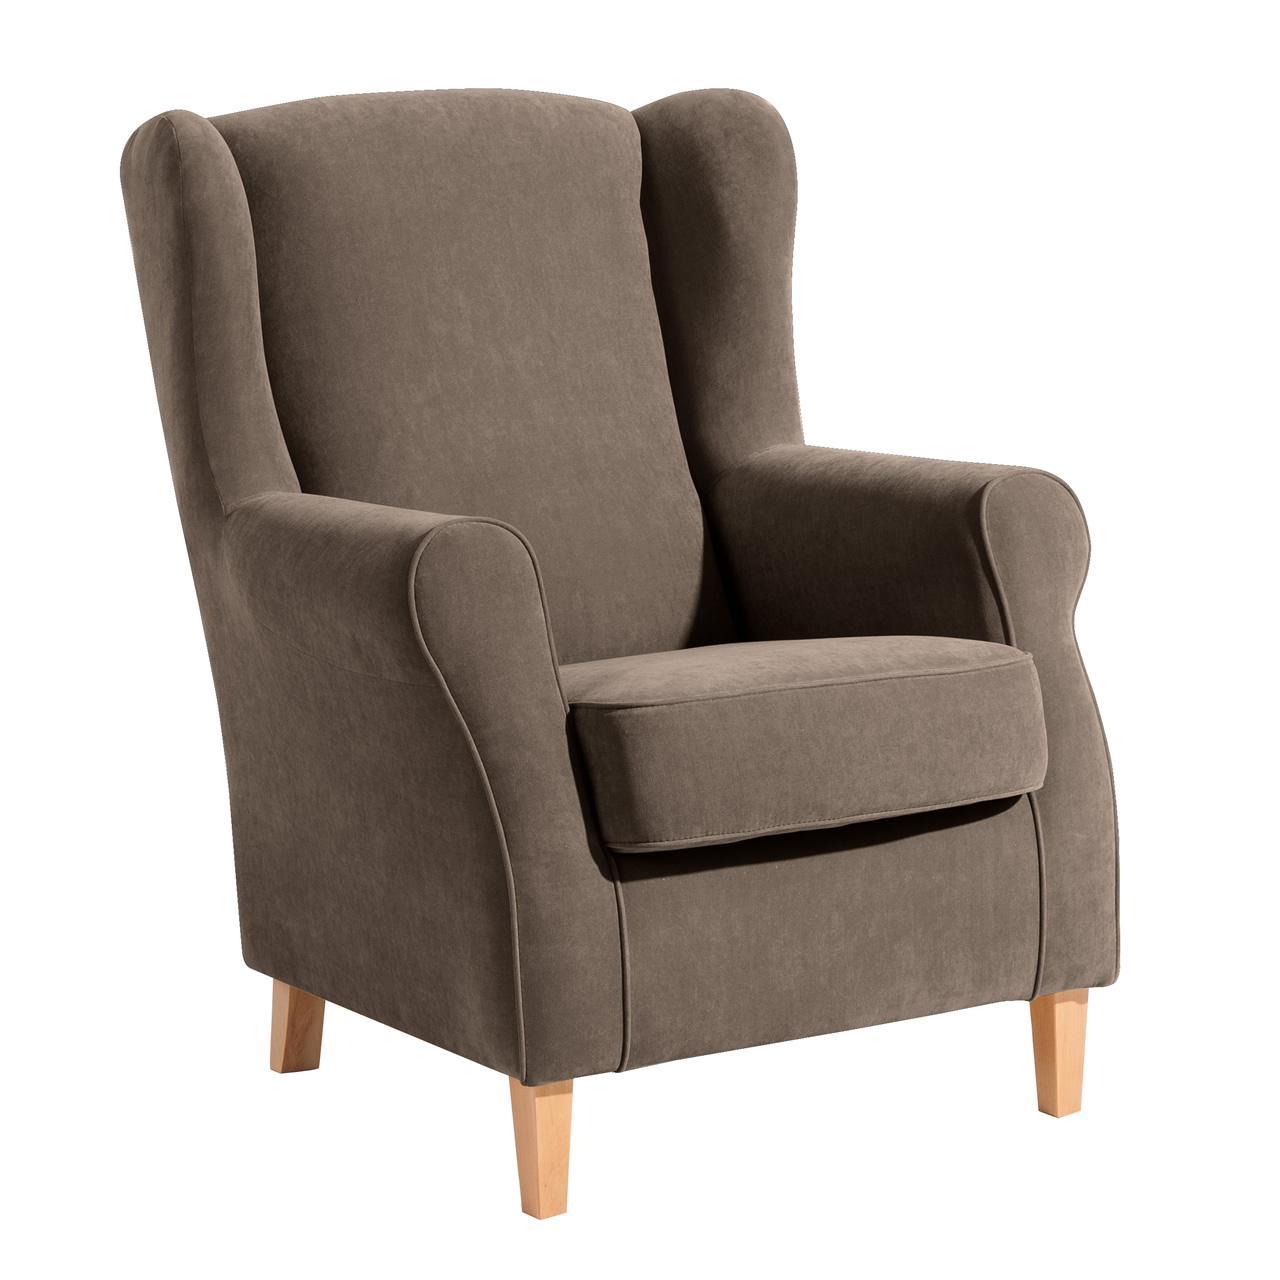 ohrenbackensessel einzelsessel mit dazu passendem hocker weiches flachgewe kaufen bei. Black Bedroom Furniture Sets. Home Design Ideas